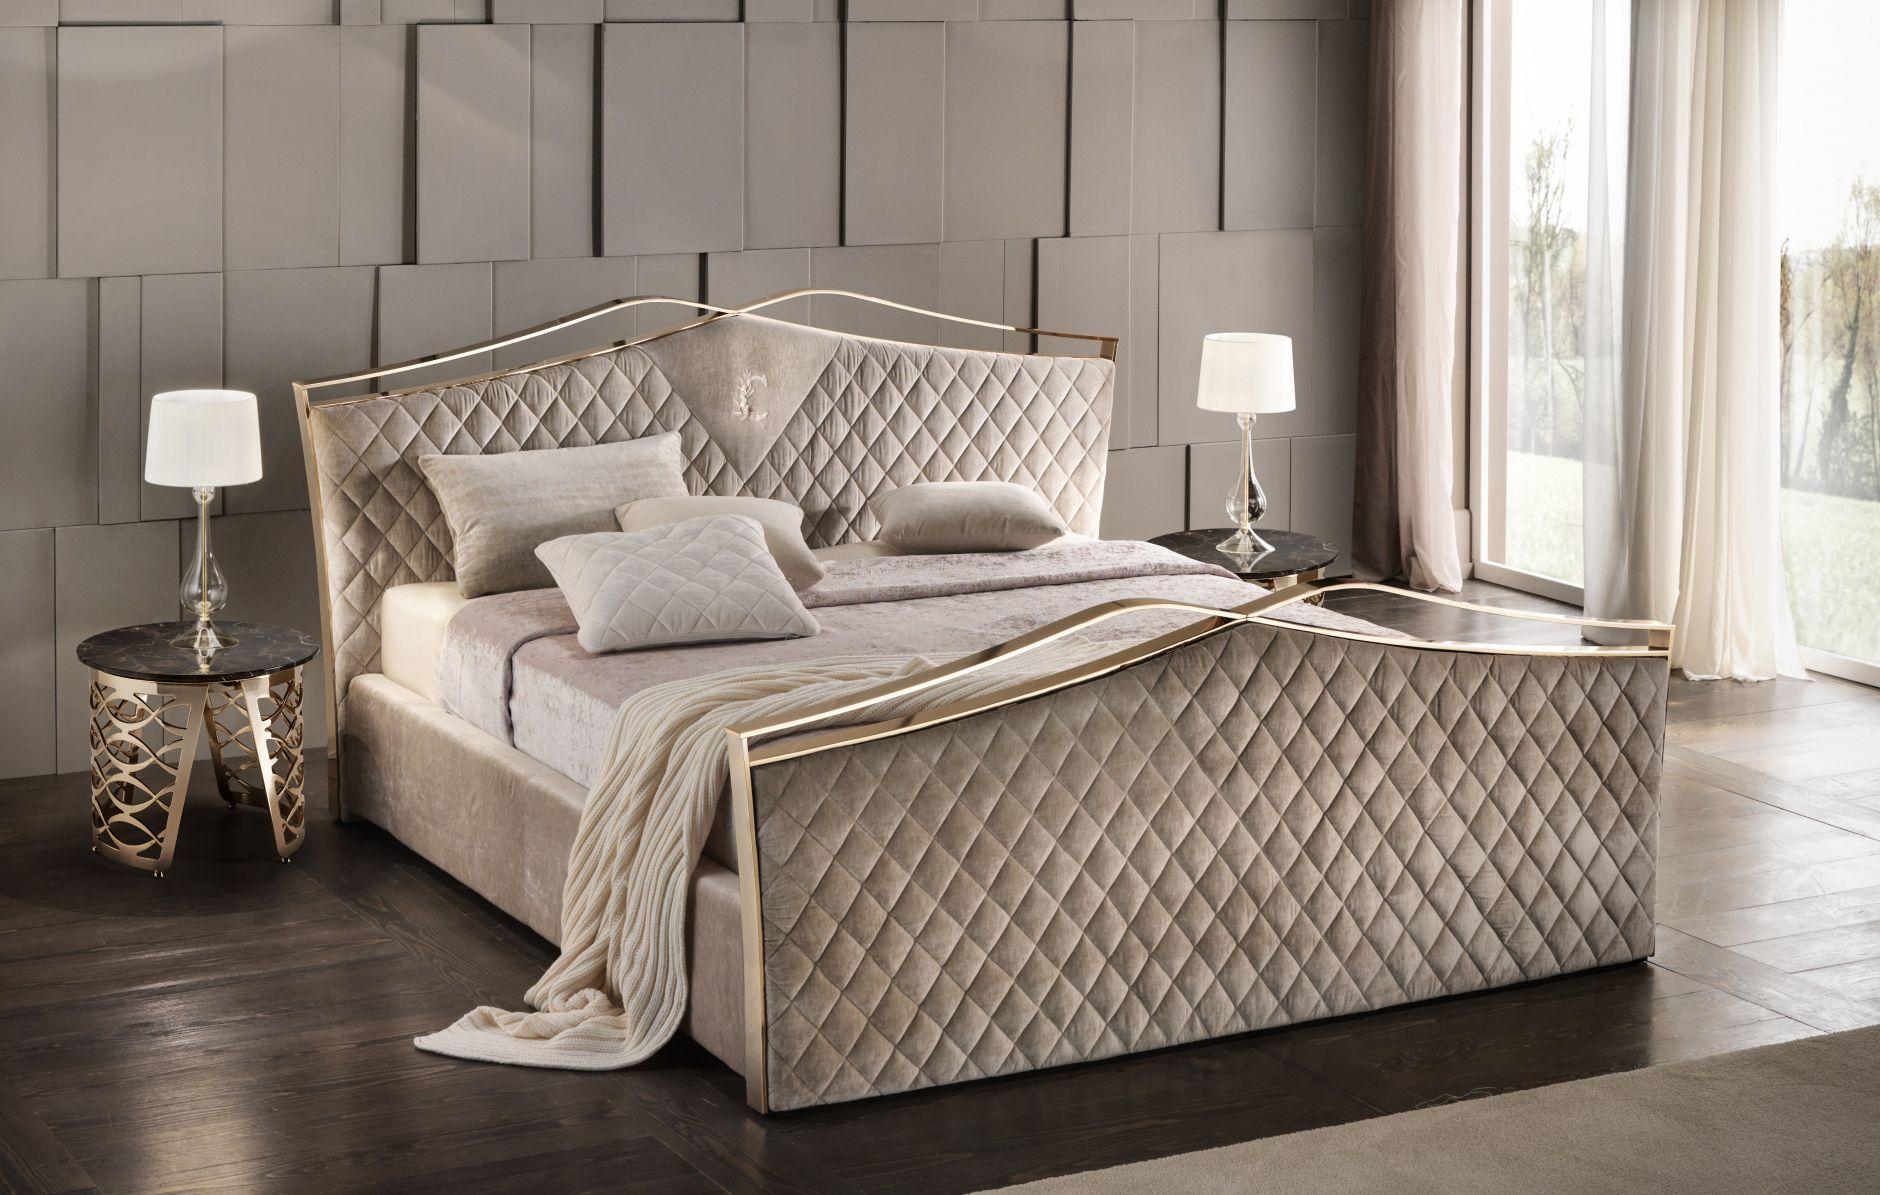 Muebles Neocl Sicos Dormitorio Cantori Valentino Seriemuebles  # Muebles Neoclasicos